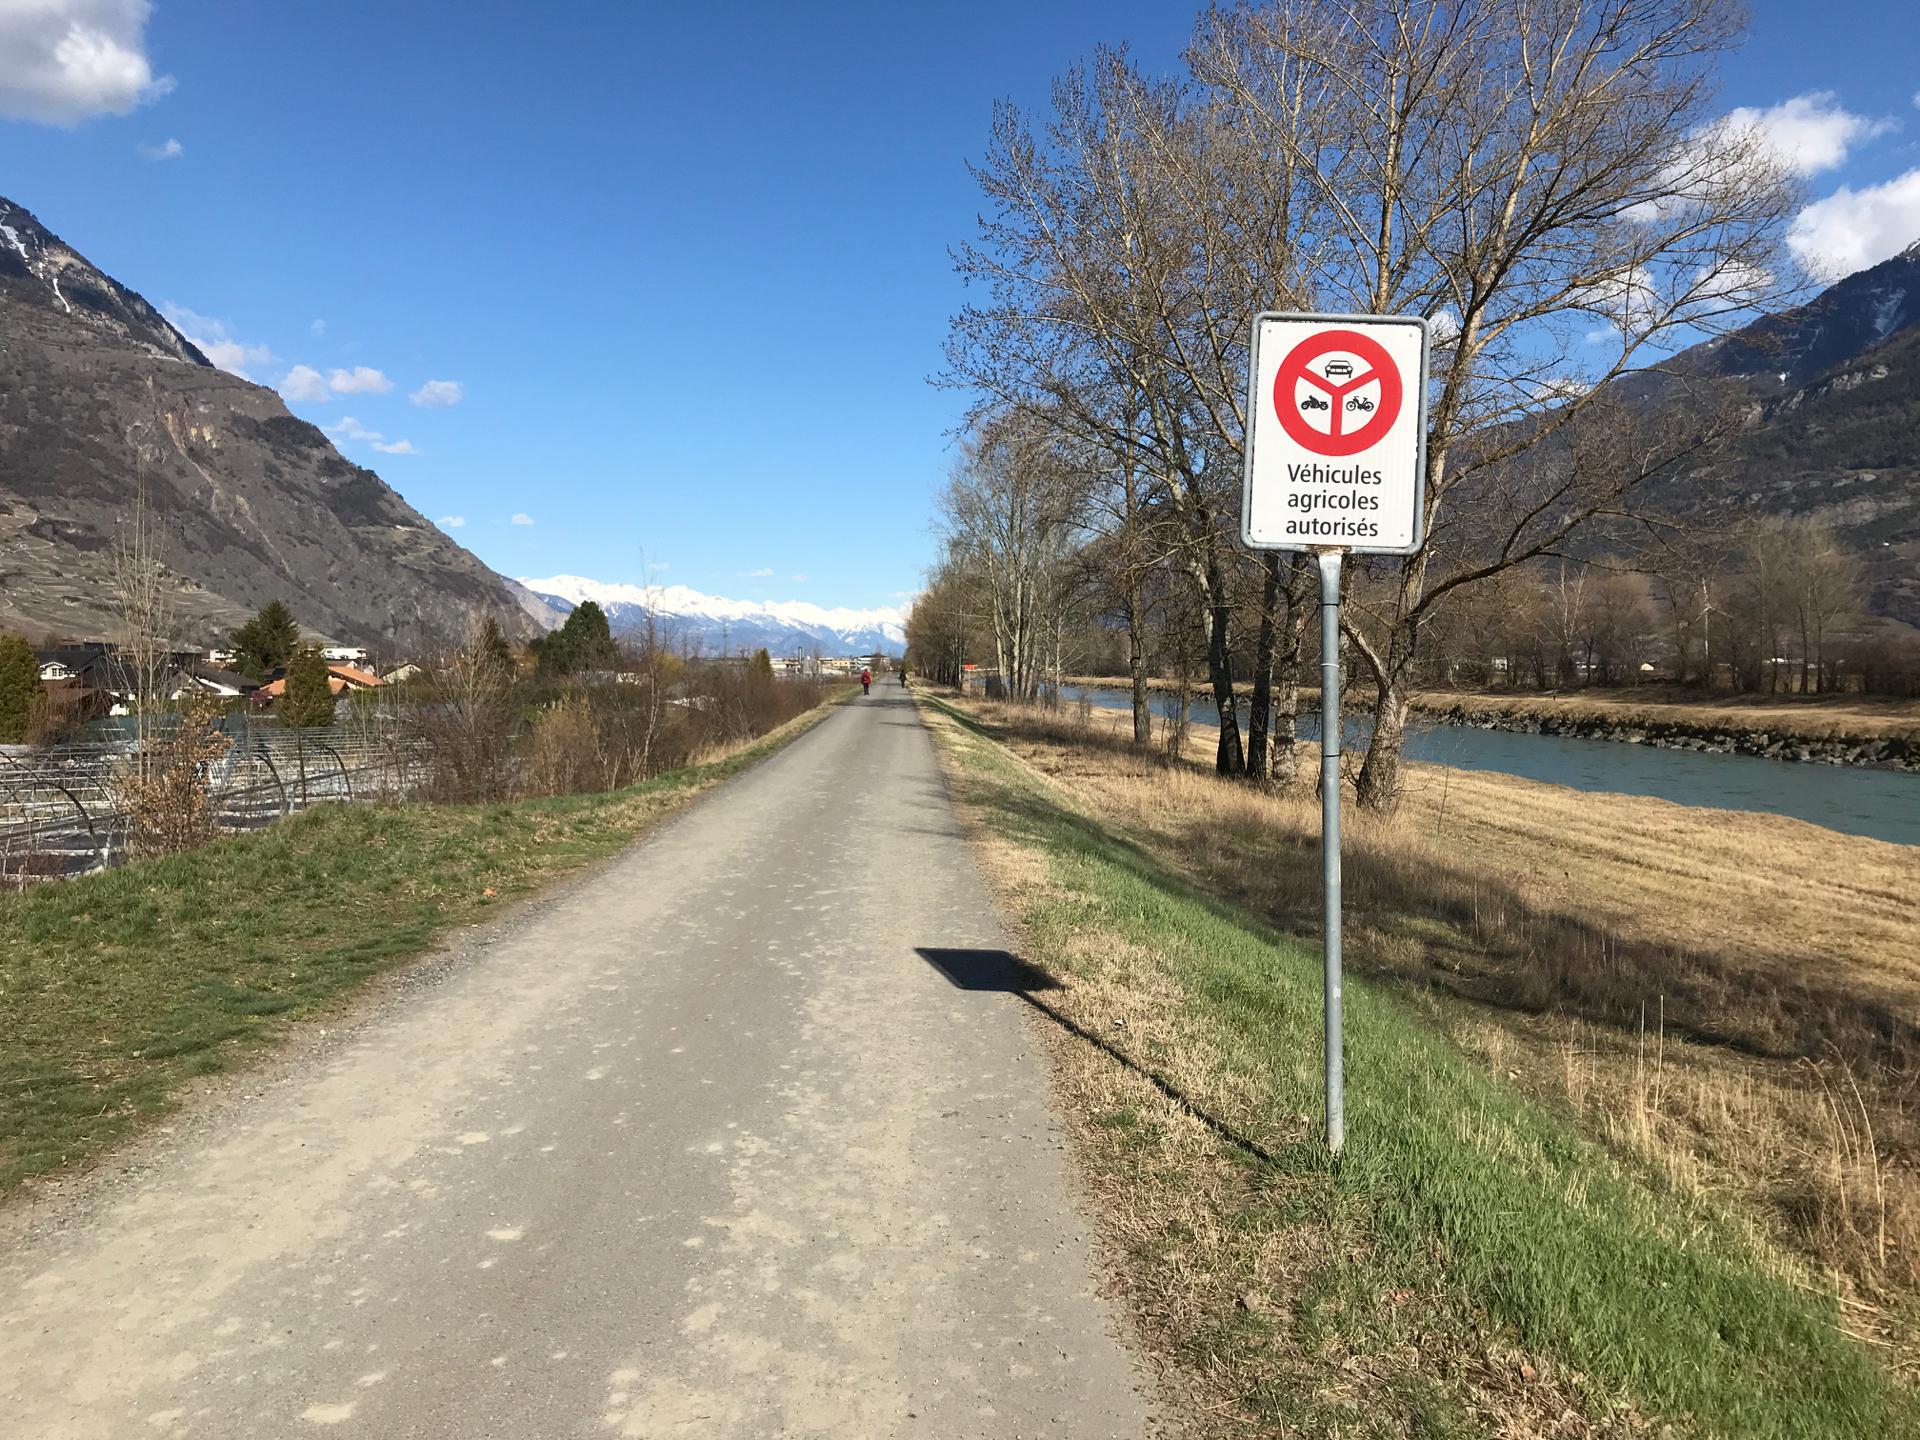 Ce panneau, qui ne mentione pas les riverains, mais ils sont tout de même autorisés à circuler ici. Toujours à 80 km/h. Enfin peut-être (lire ci-dessous).